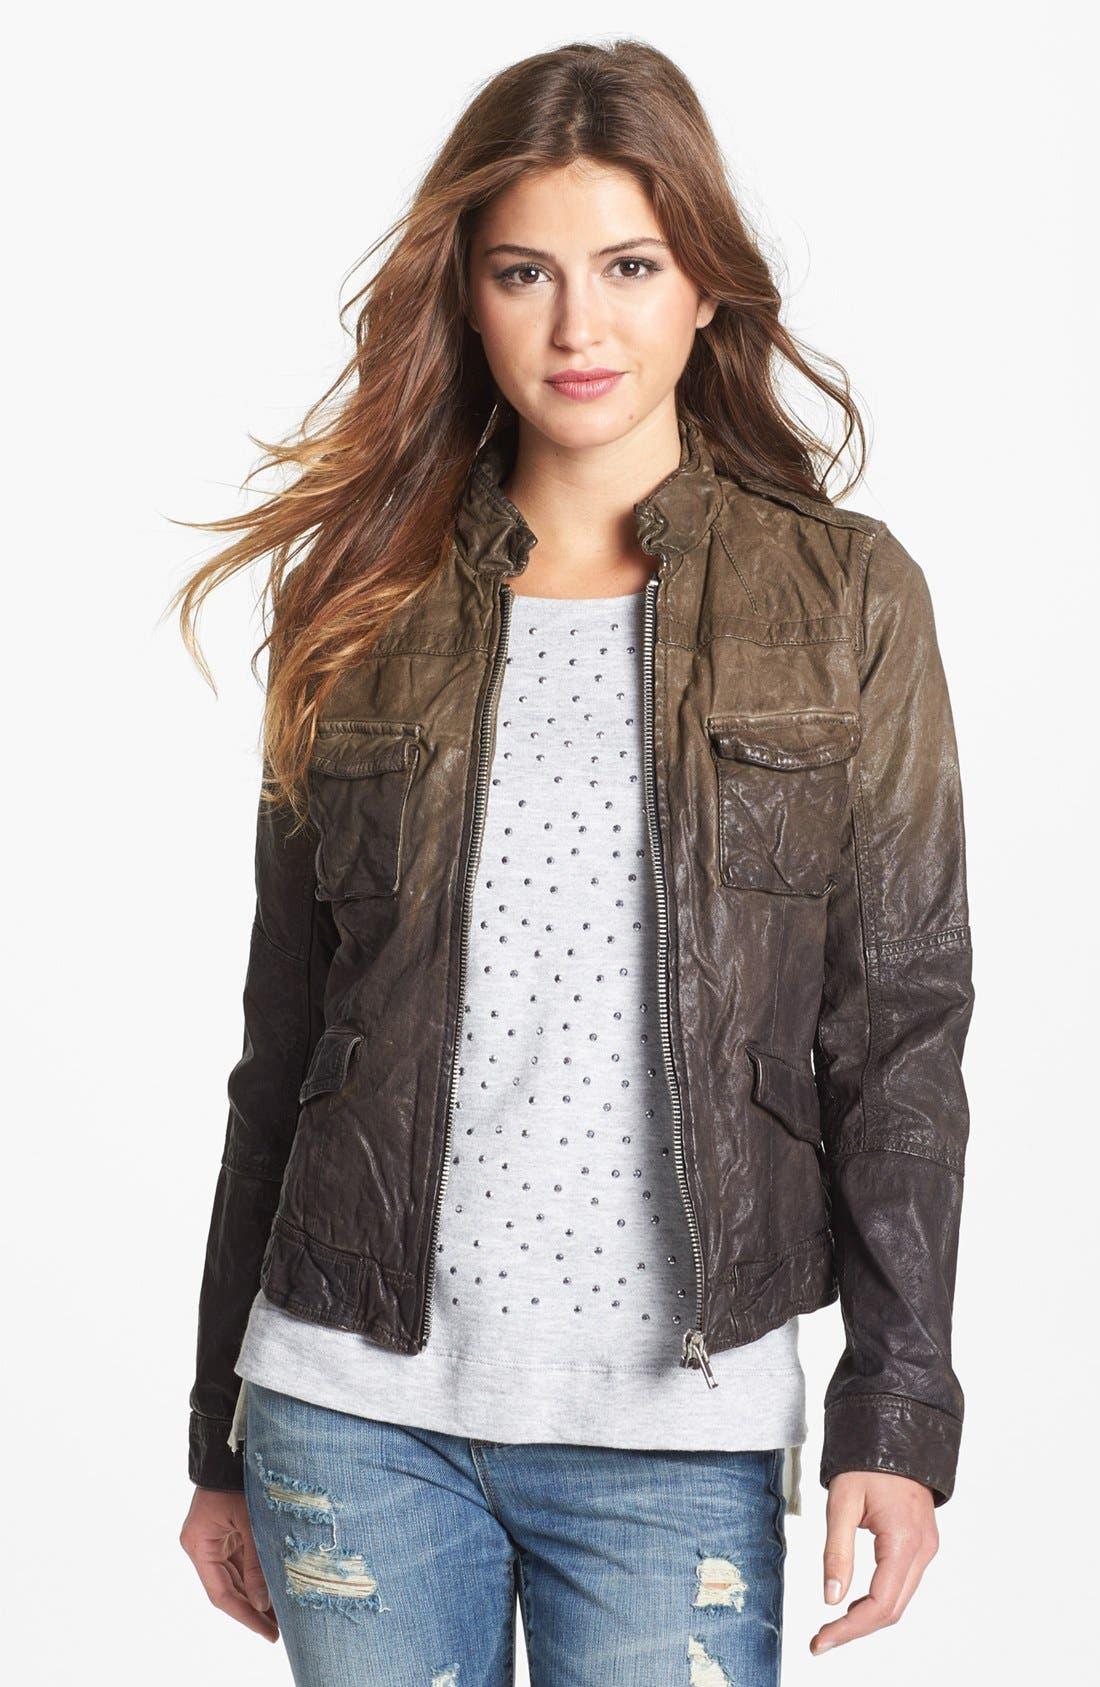 Main Image - Q40 Ombré Crinkled Leather Jacket